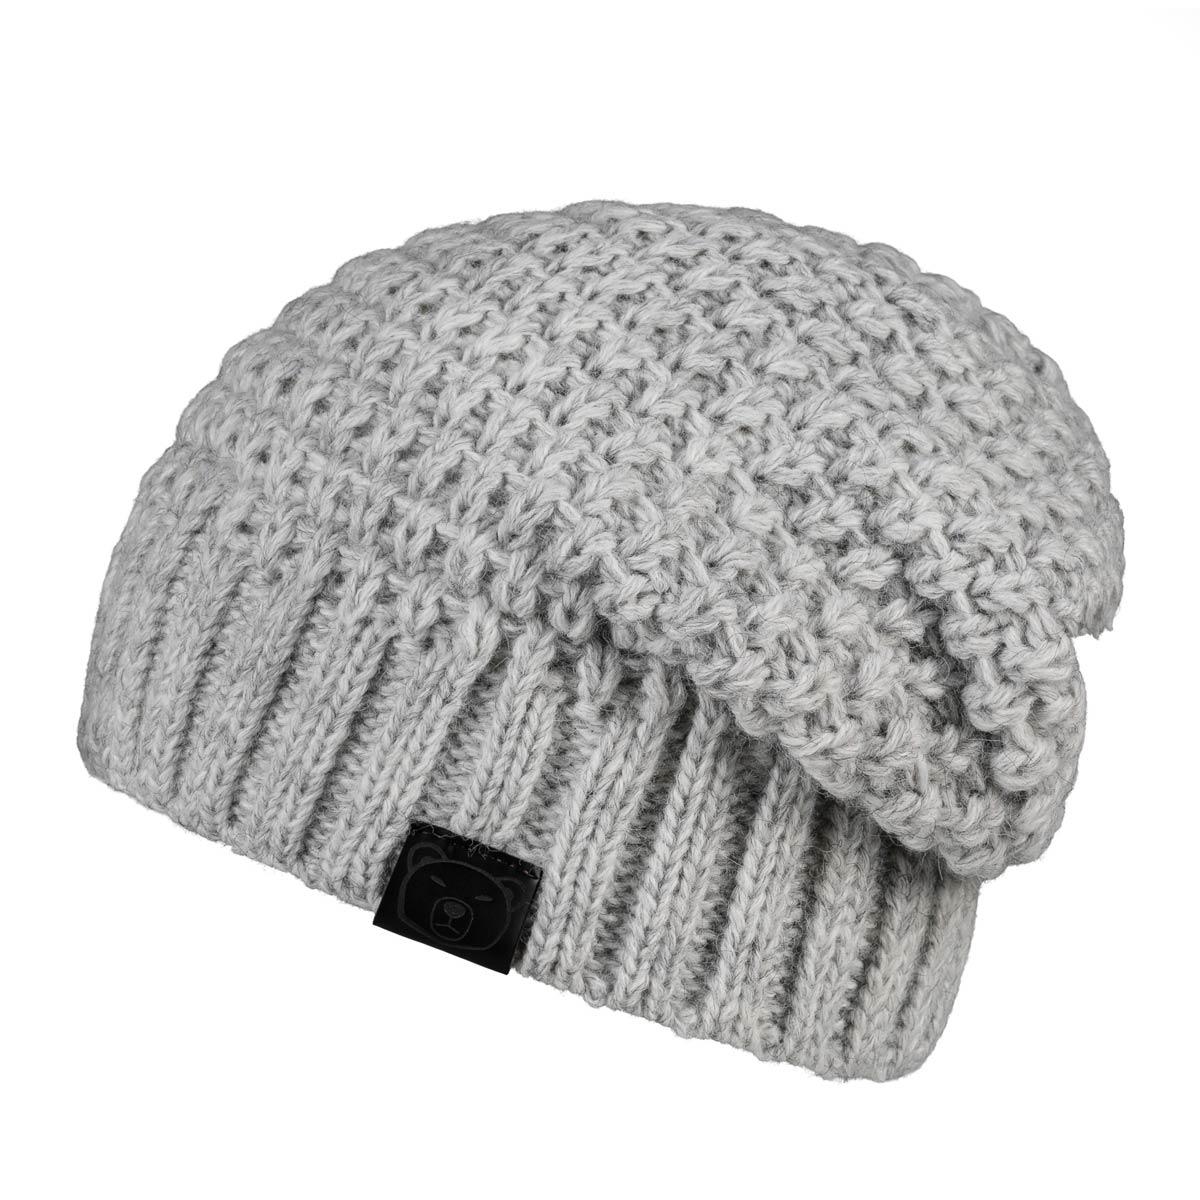 CP-01593-F12-bonnet-chaud-gris